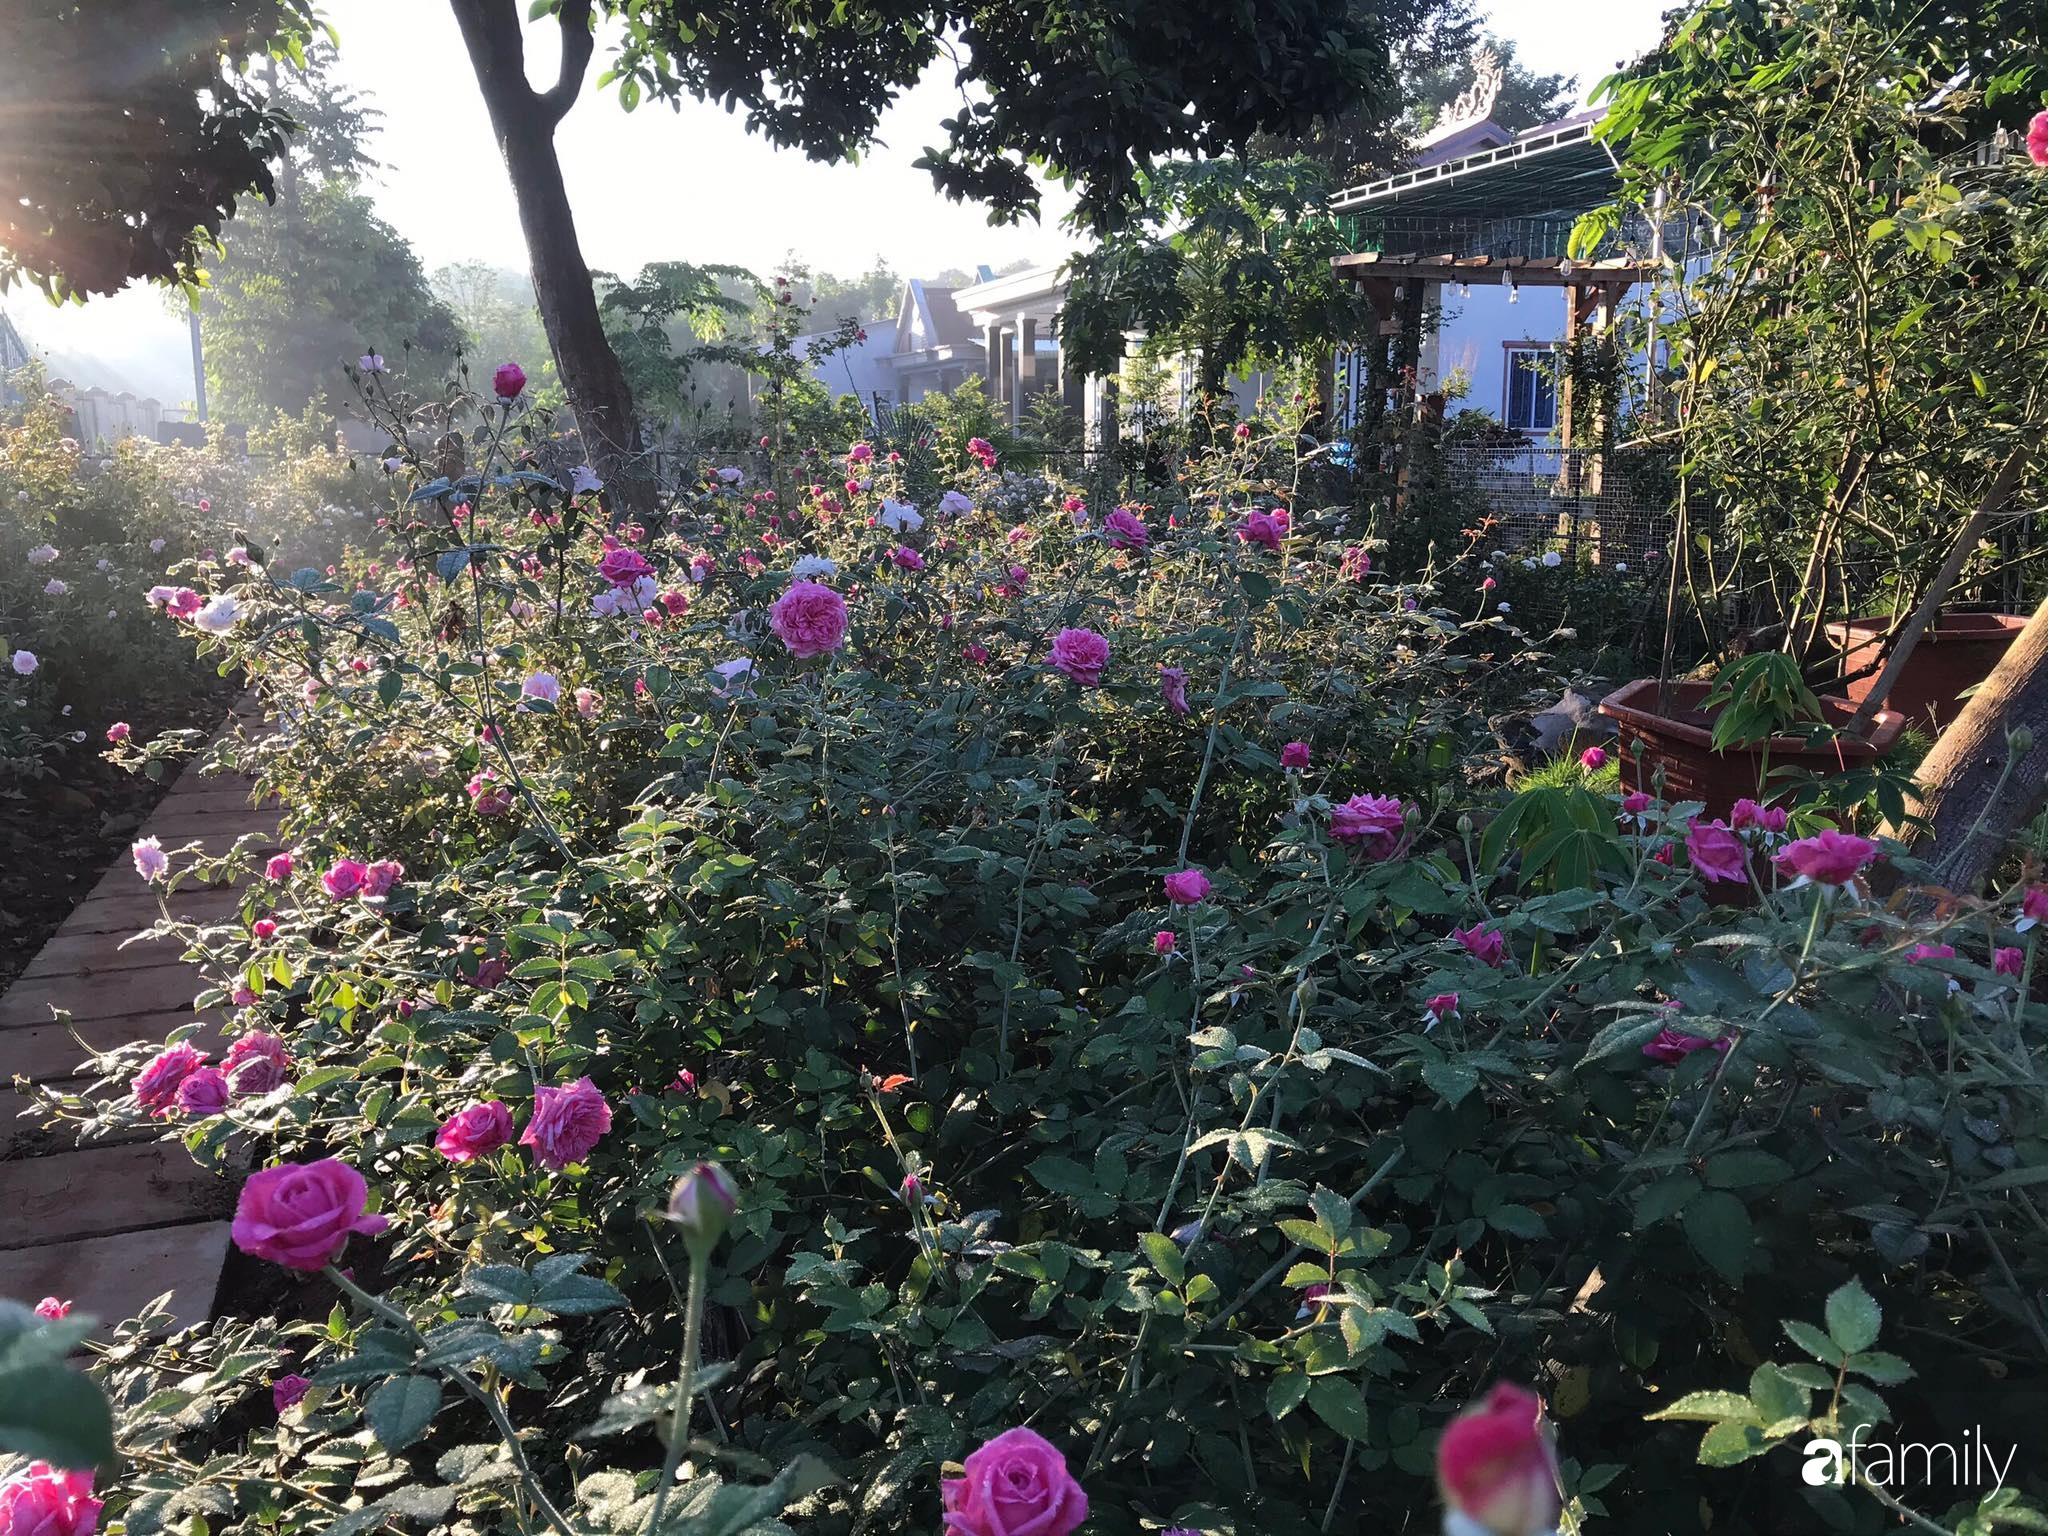 Khu vườn hoa hồng đẹp như cổ tích mà người chồng ngày đêm chăm sóc để tặng vợ con ở Vũng Tàu-20